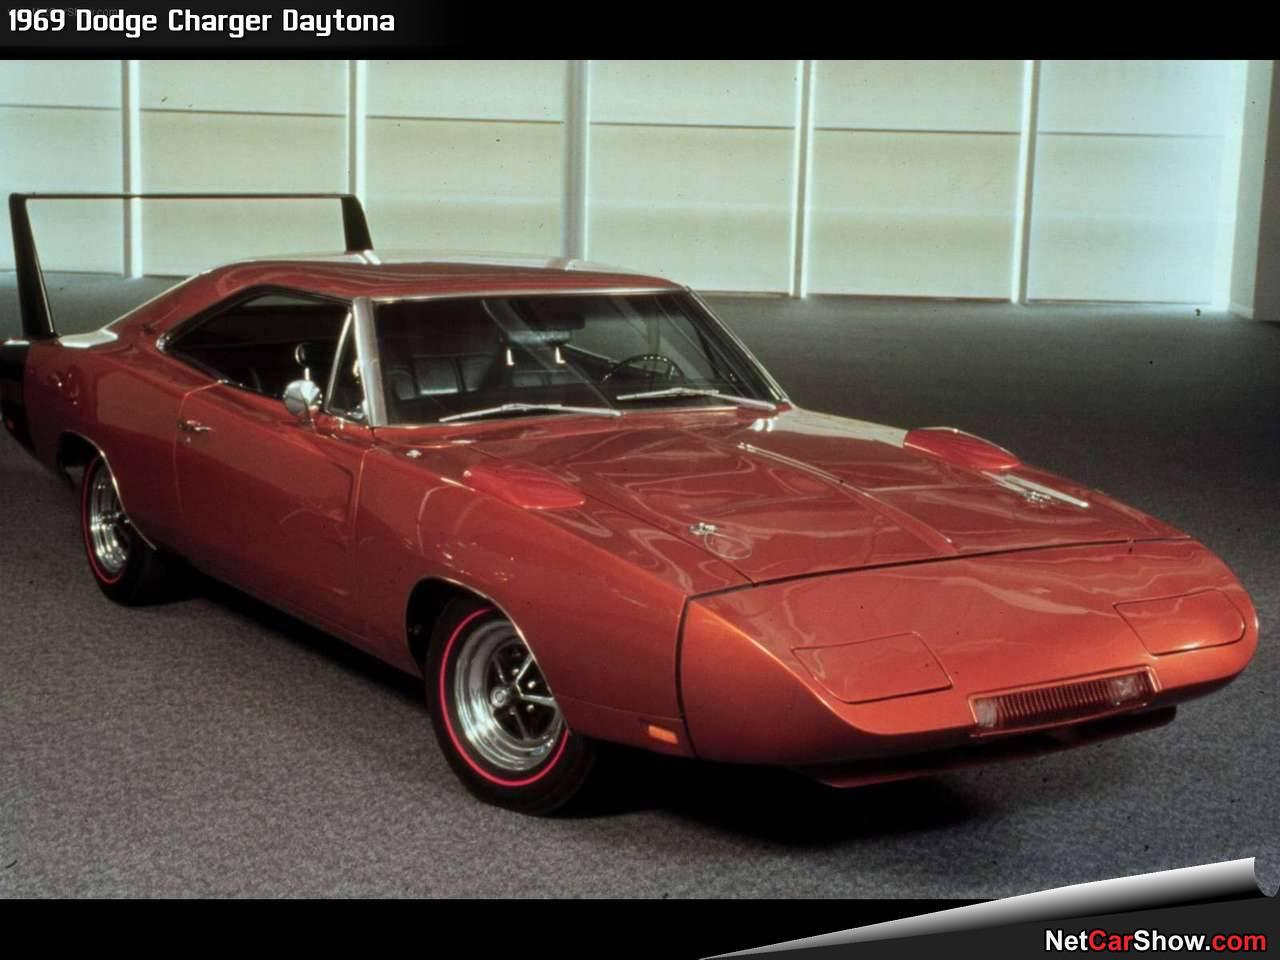 modified cars 1969 dodge charger daytona. Black Bedroom Furniture Sets. Home Design Ideas